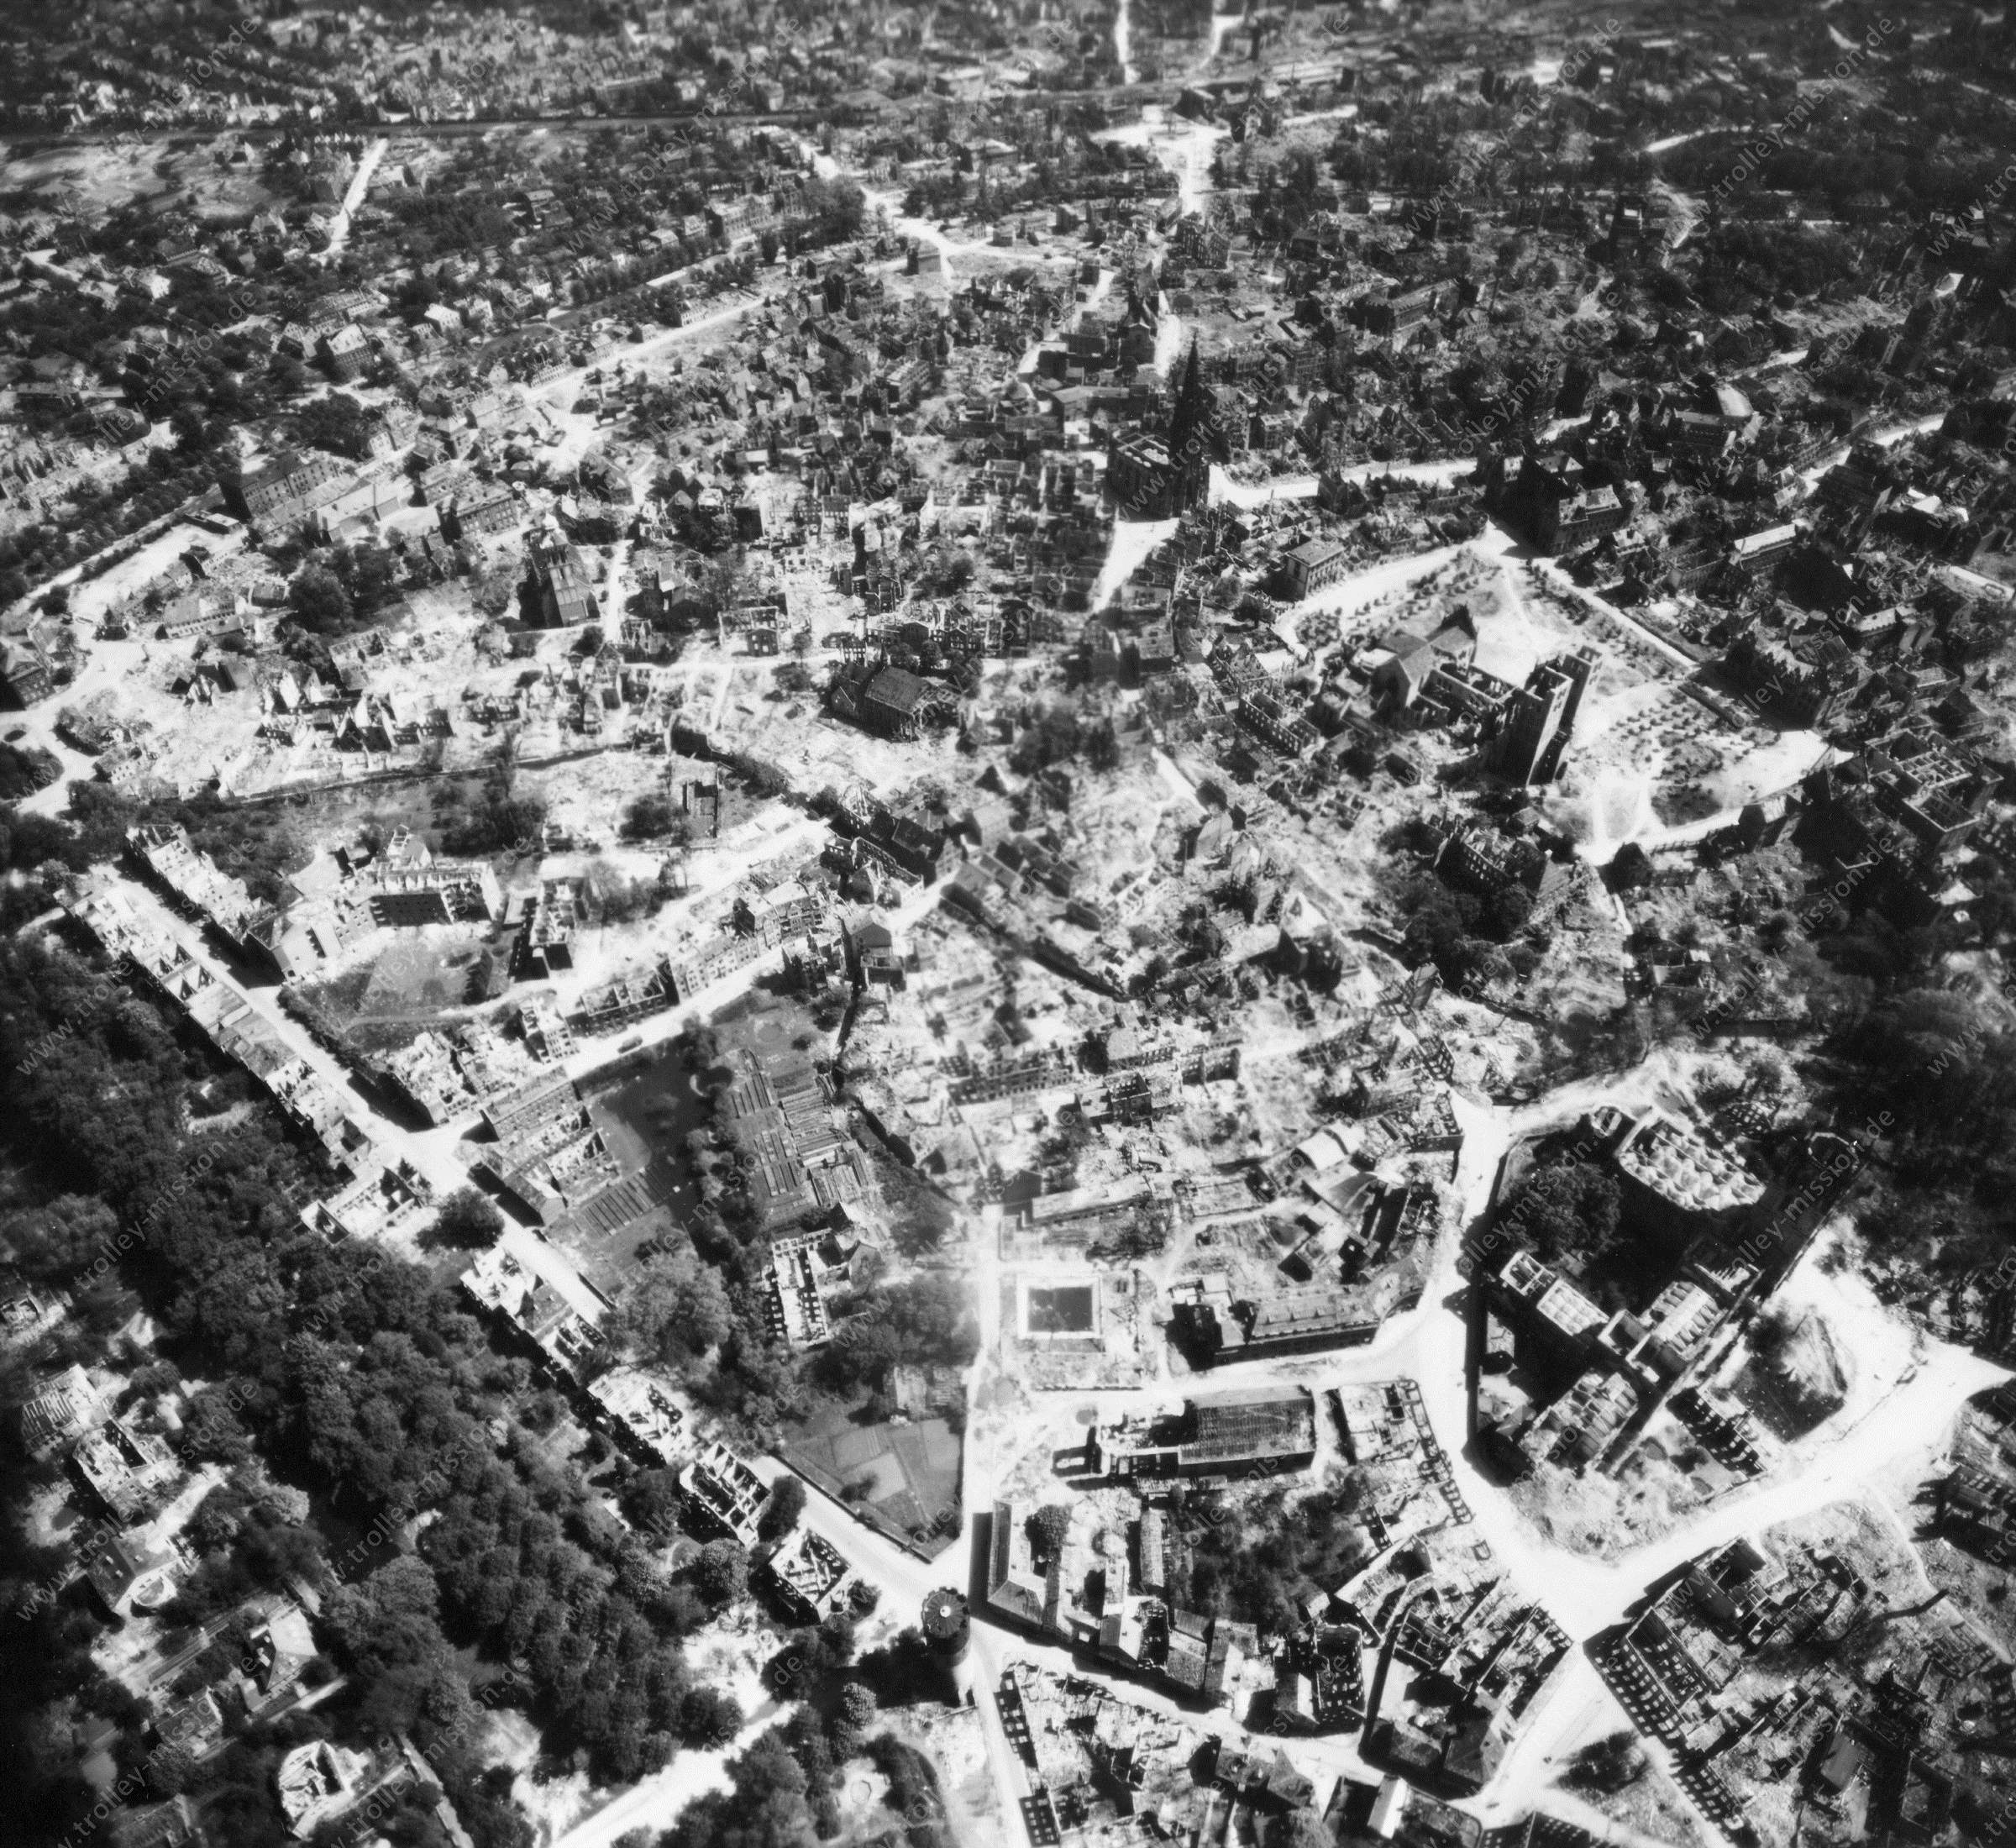 Luftbild von Münster am 12. Mai 1945 - Luftbildserie 7/11 der US Air Force